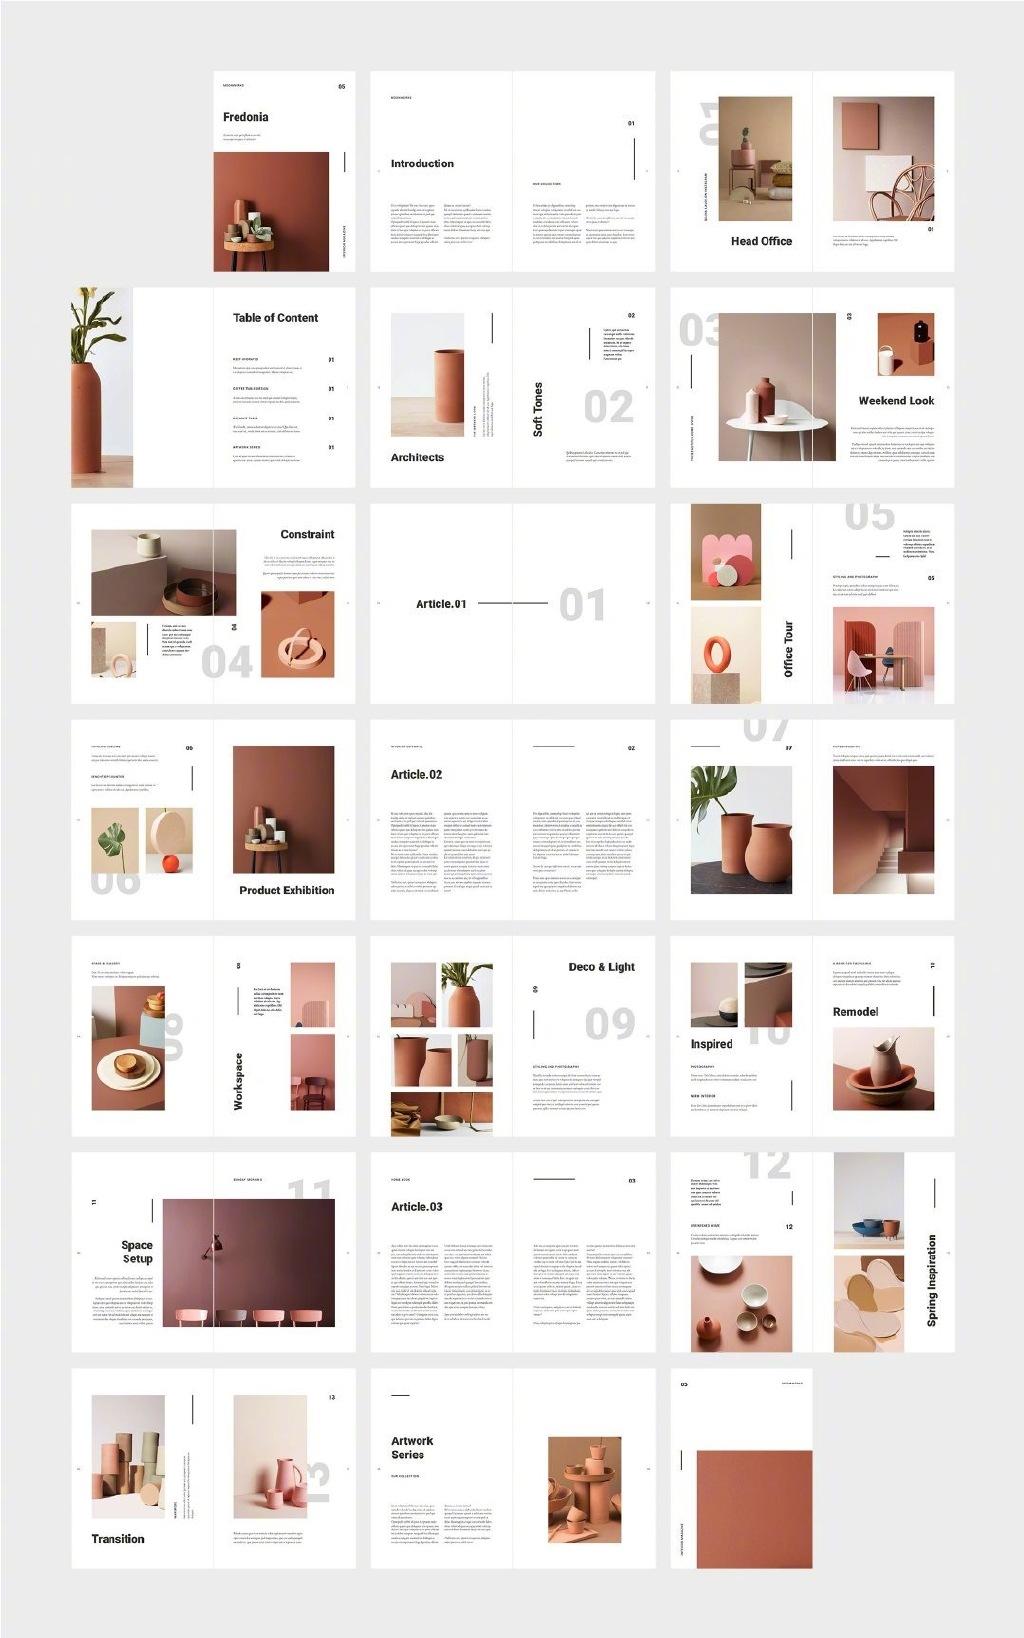 作品集没思路?上百种图文排版案例给你参考